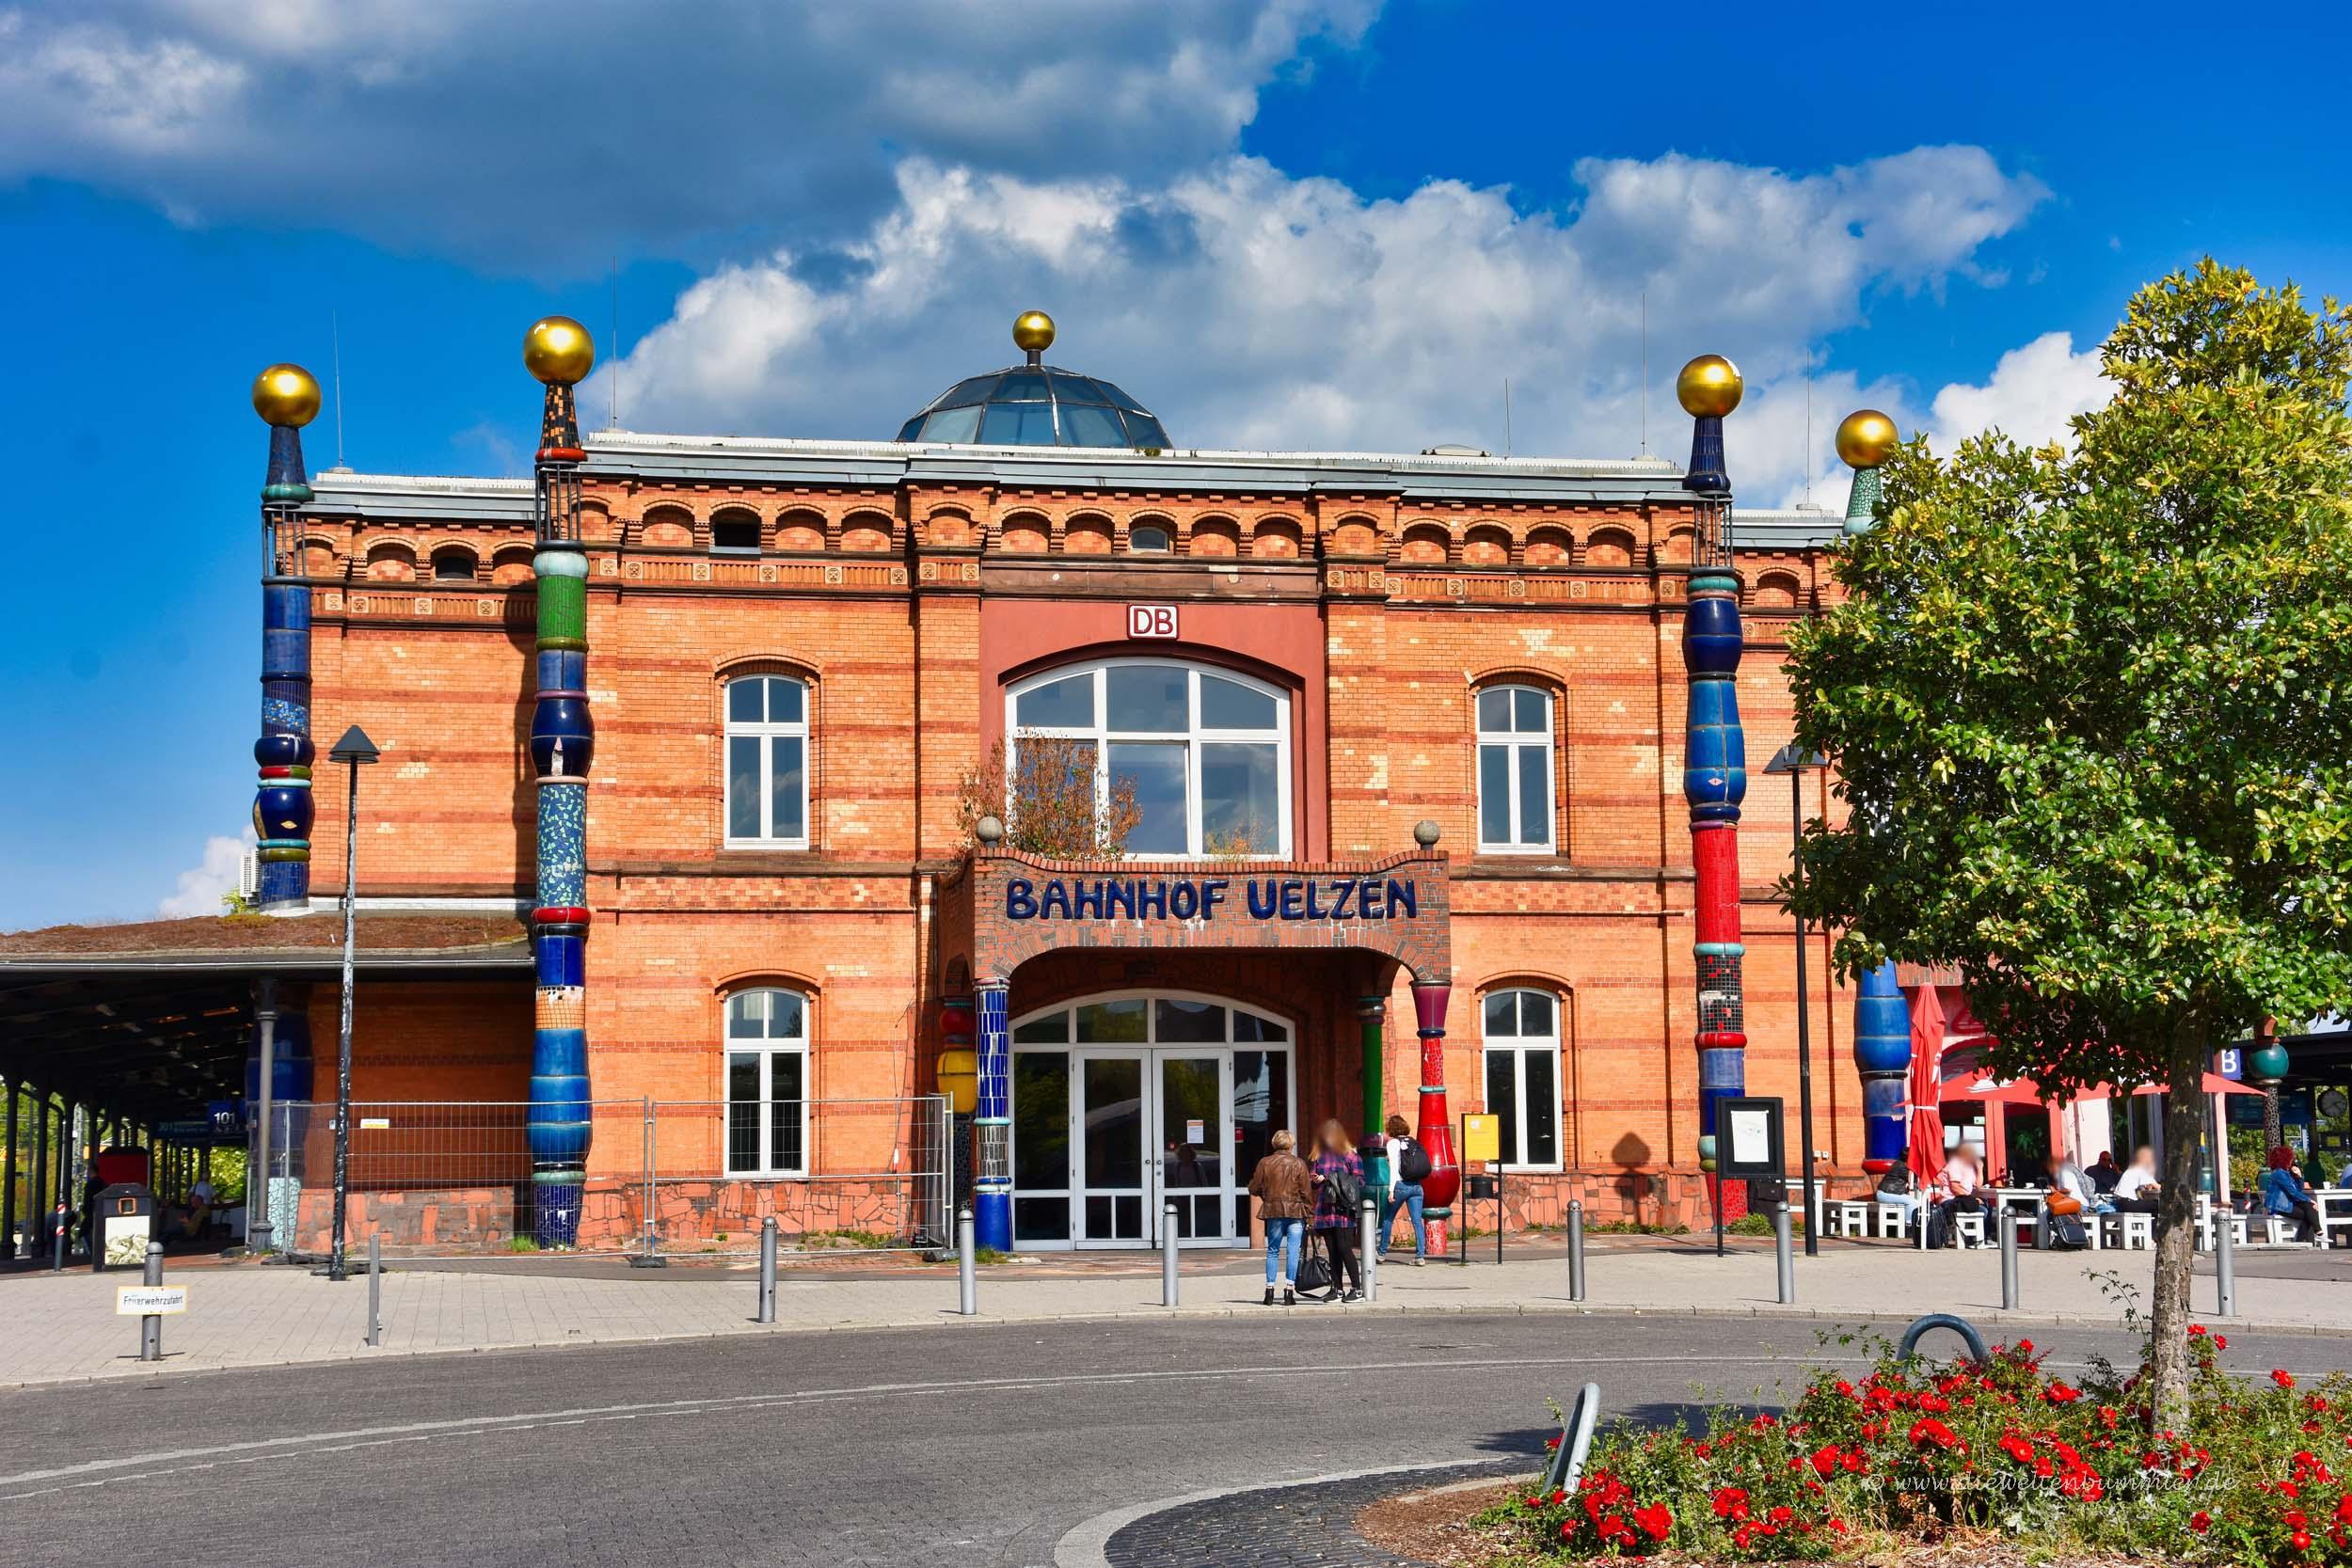 Bahnhof in Uelzen